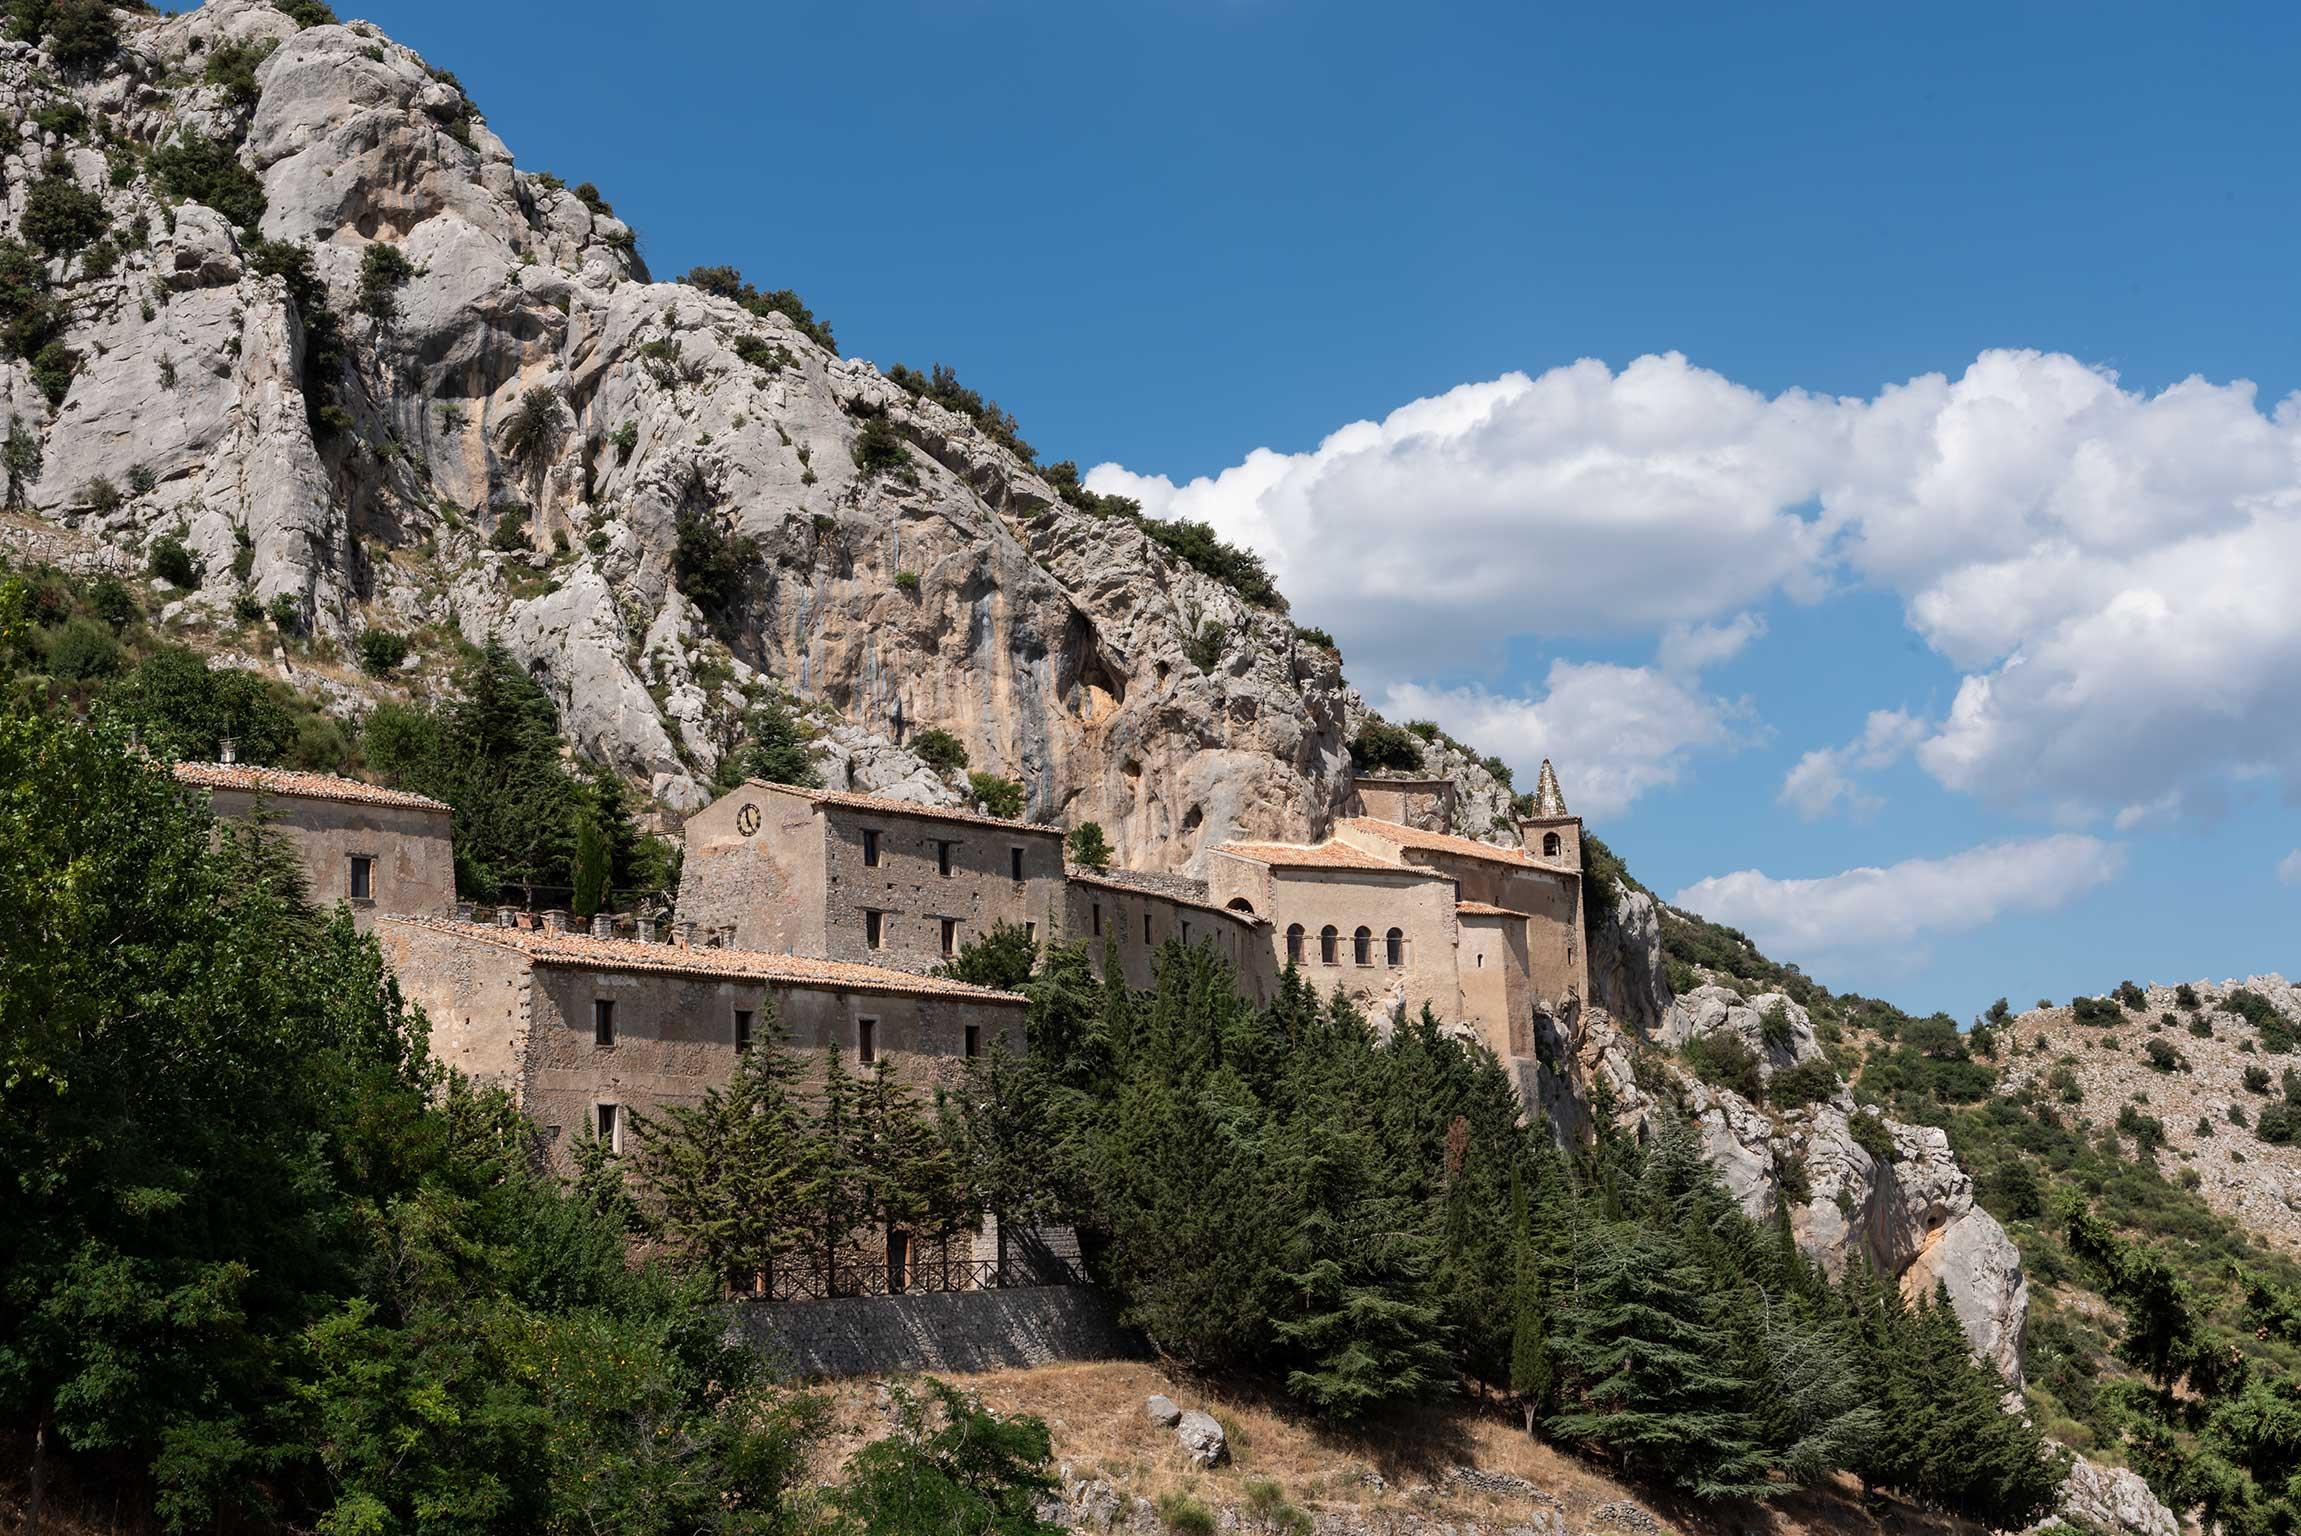 Turismo esperienziale in Calabria: visitare il Santuario di Santa Maria delle Armi